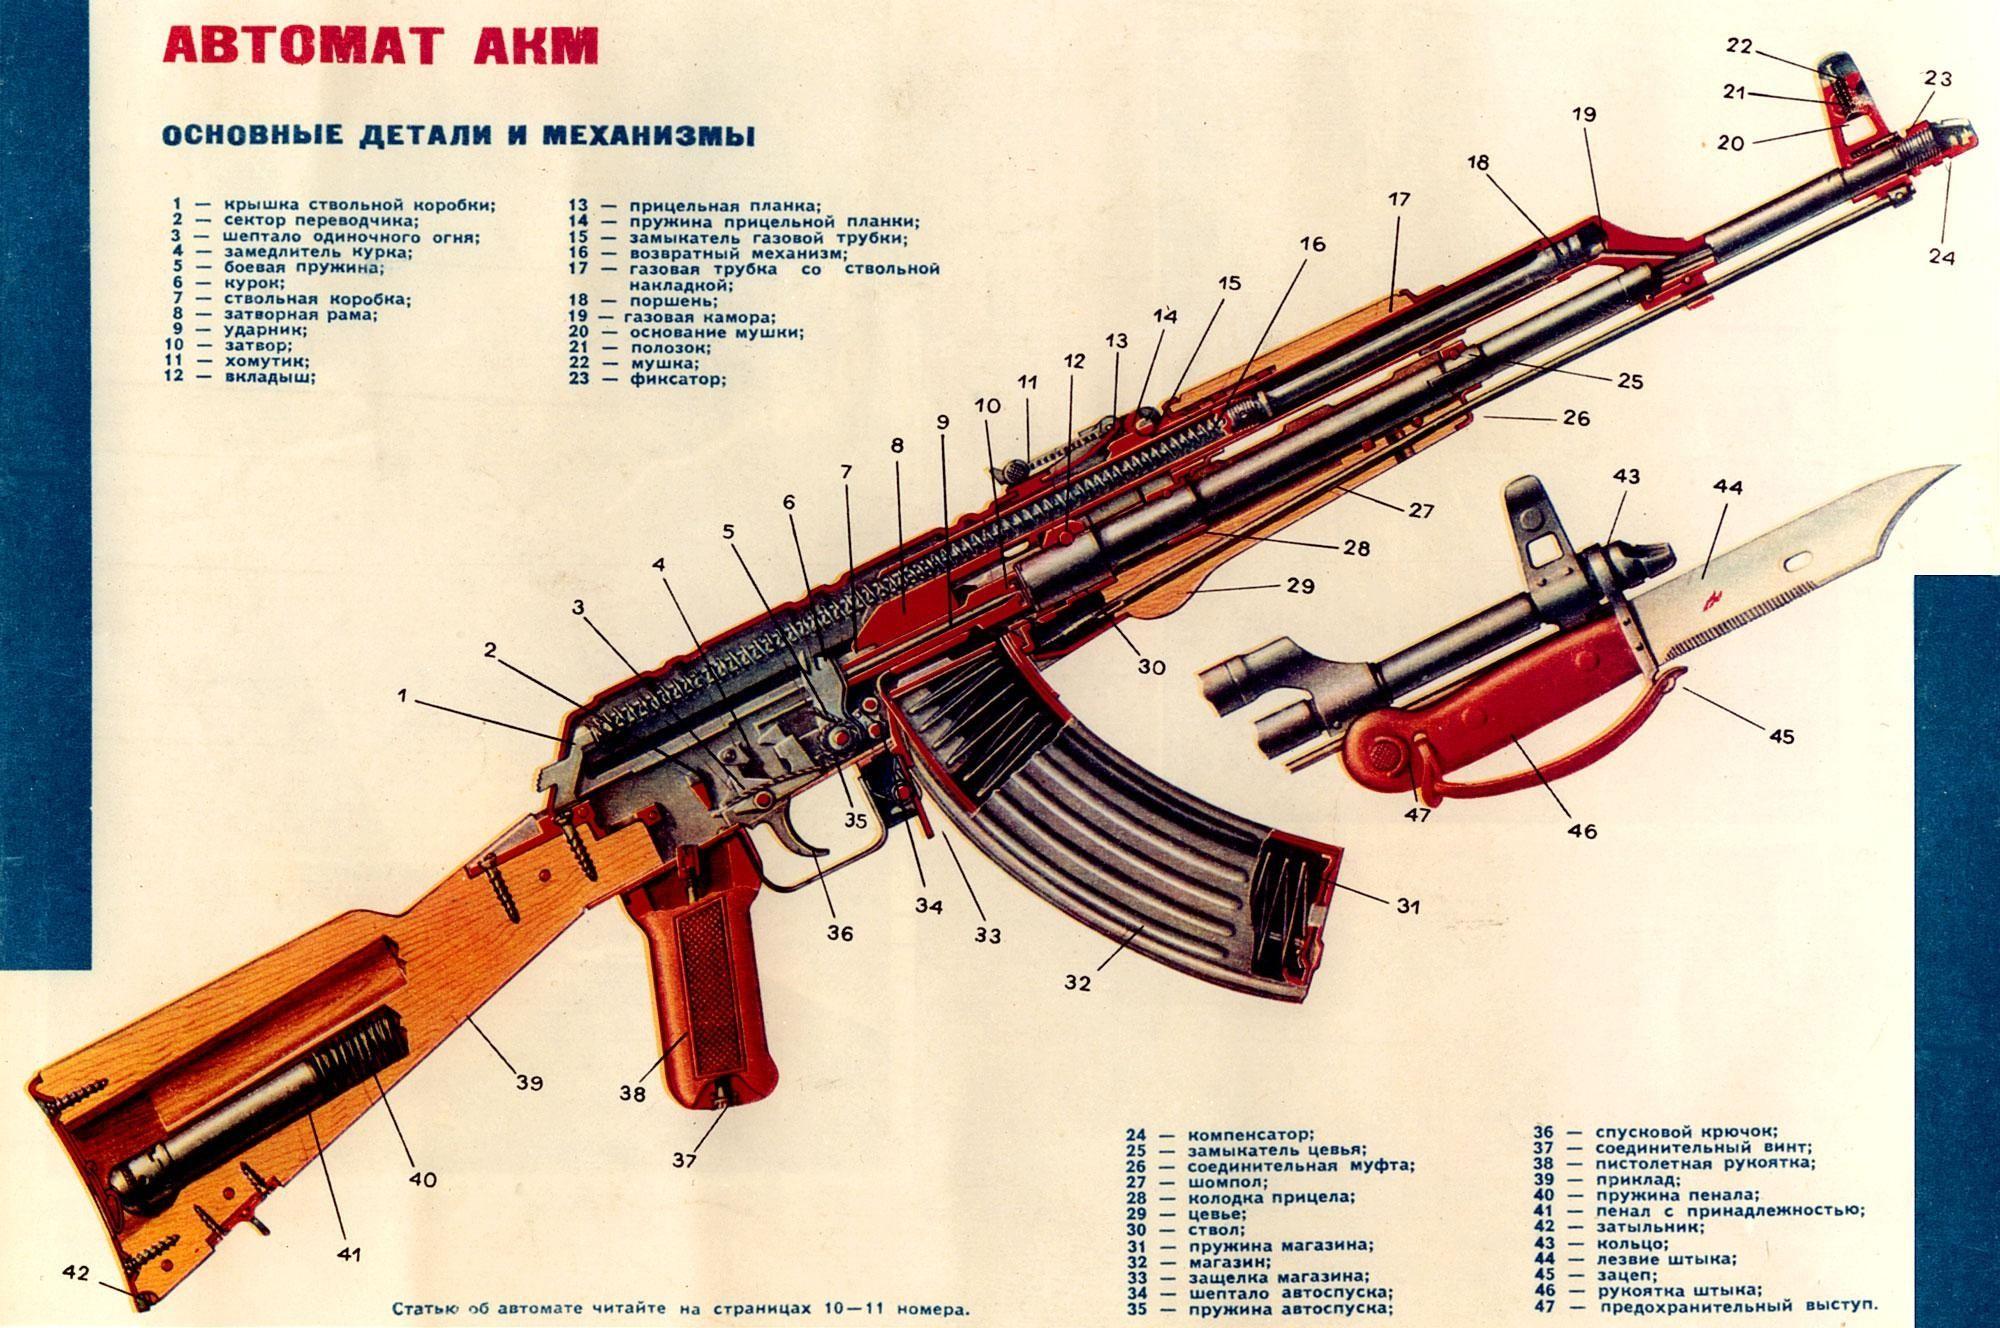 ak 47 anatomy danger pinterest ak 47 guns and shooting sports rh pinterest com ak 47 parts breakdown ak47 parts diagram